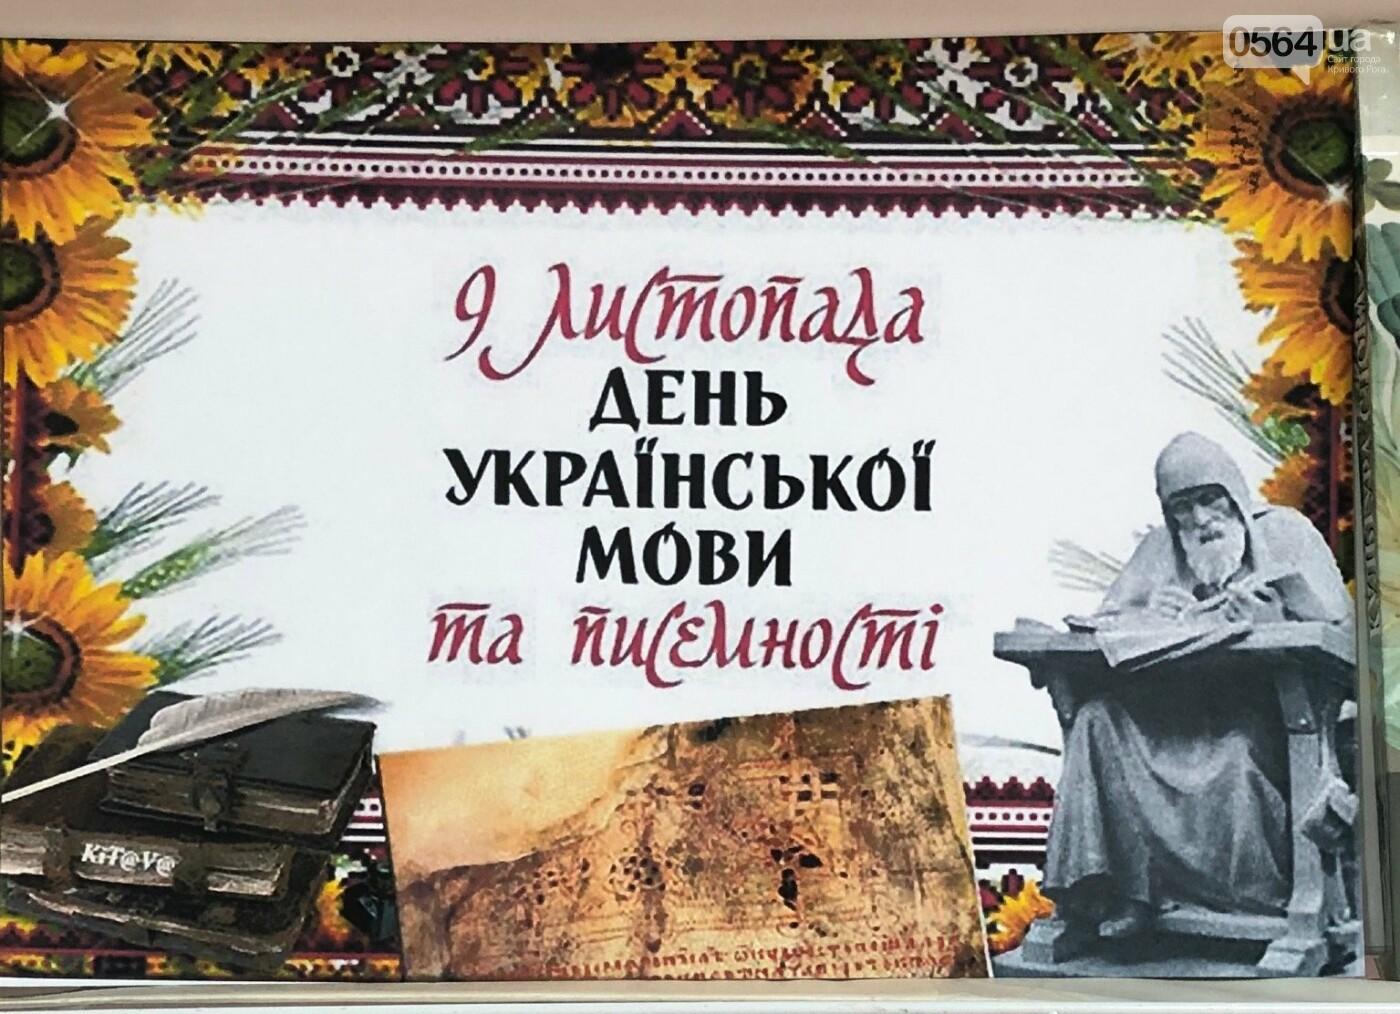 Как криворожане писали Всеукраинский диктант национального единства, - ФОТО, фото-1